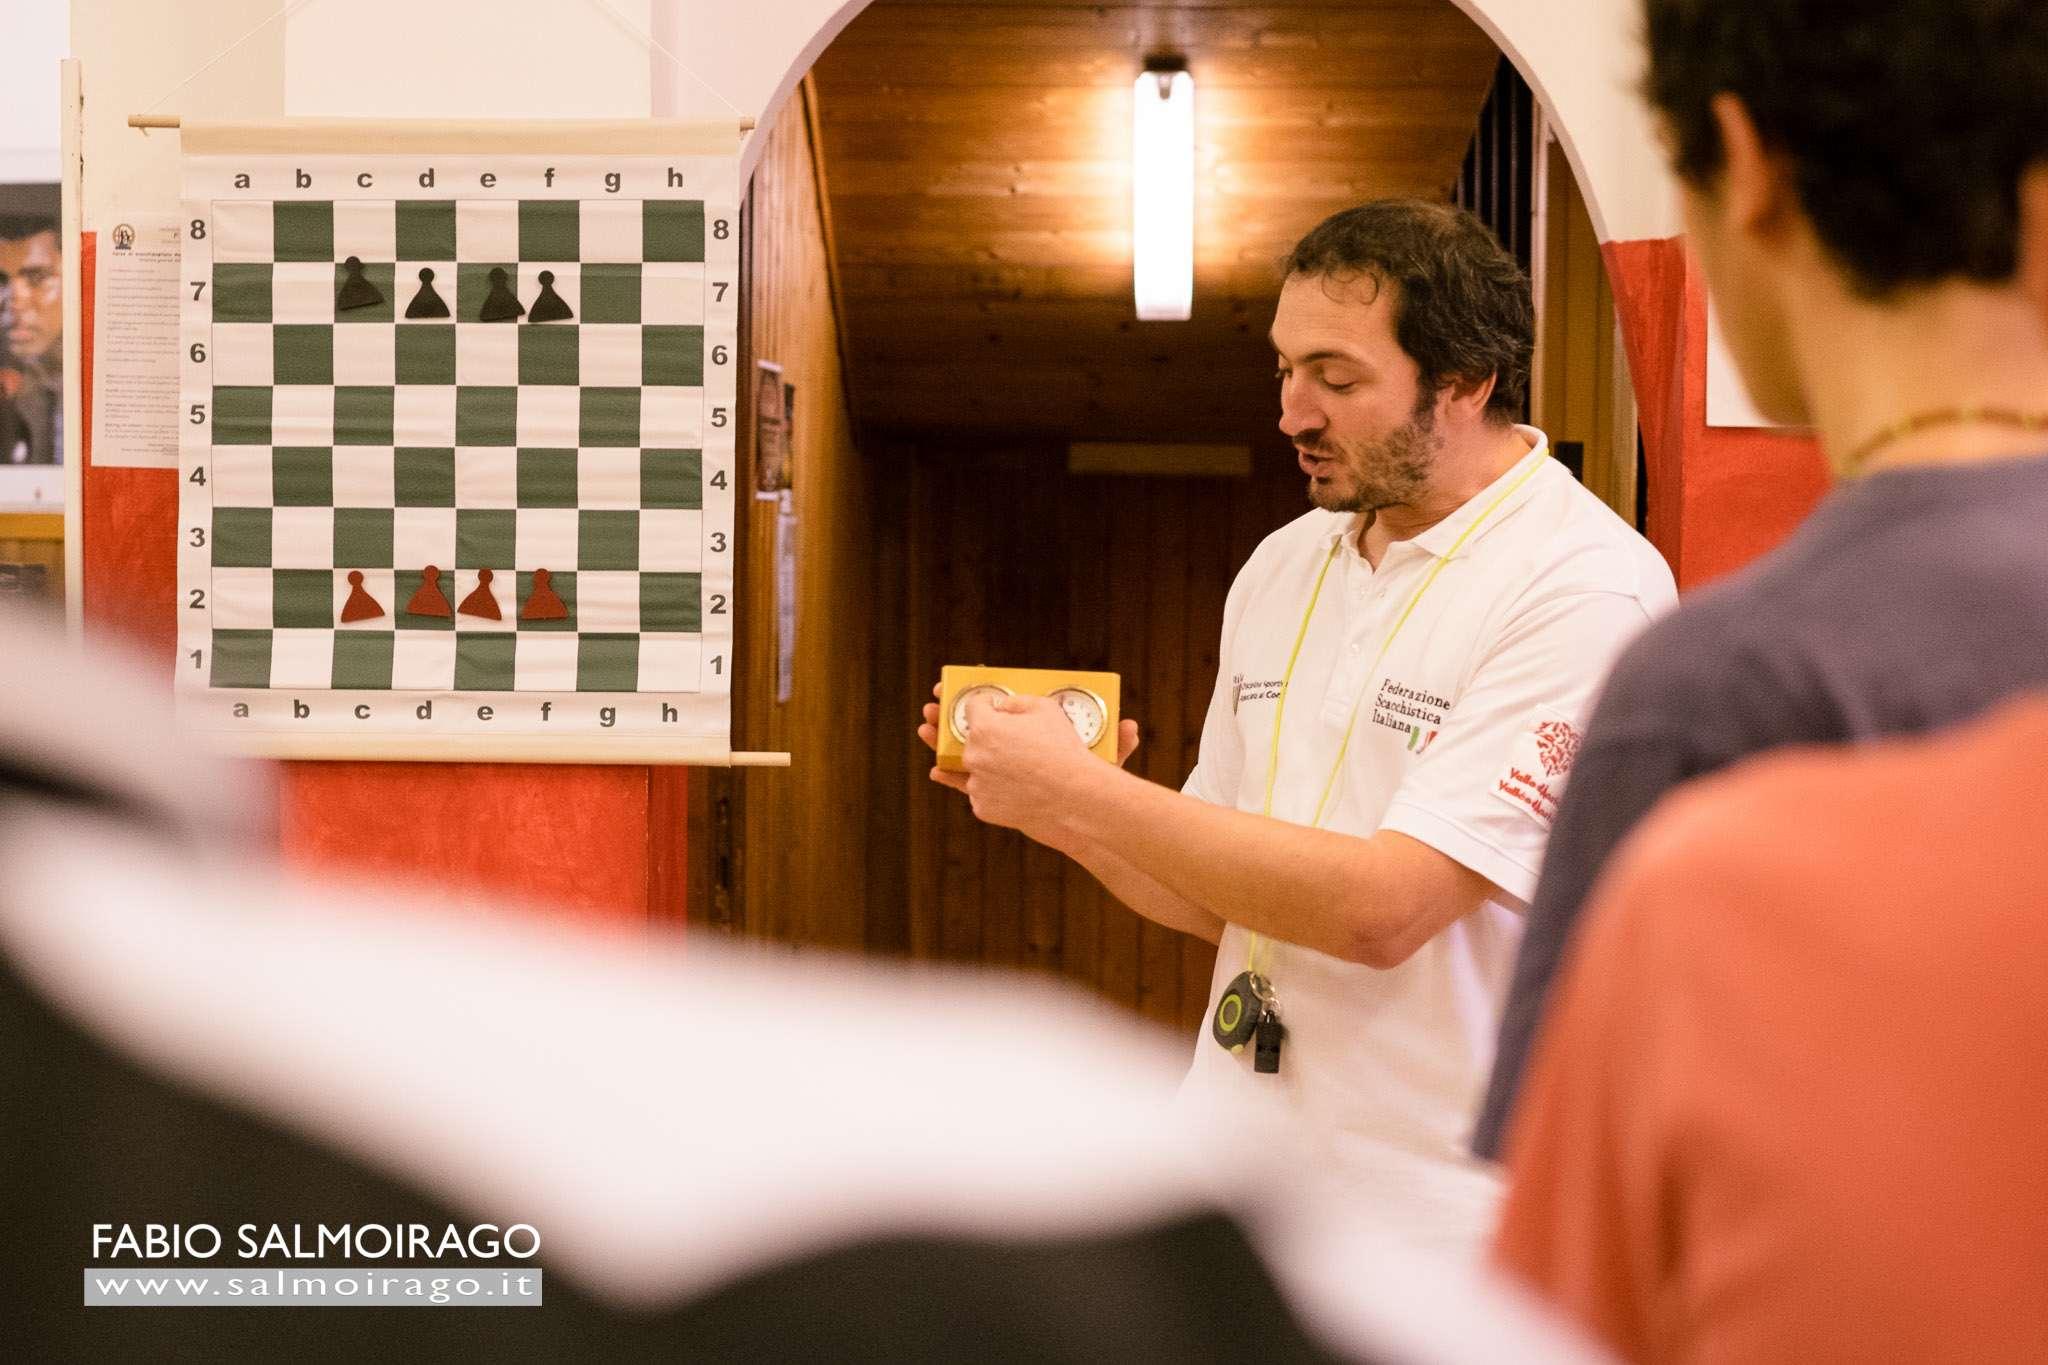 Introduci il chessboxing nella tua palestra. La FISP ti da gratis materiale scacchistico.